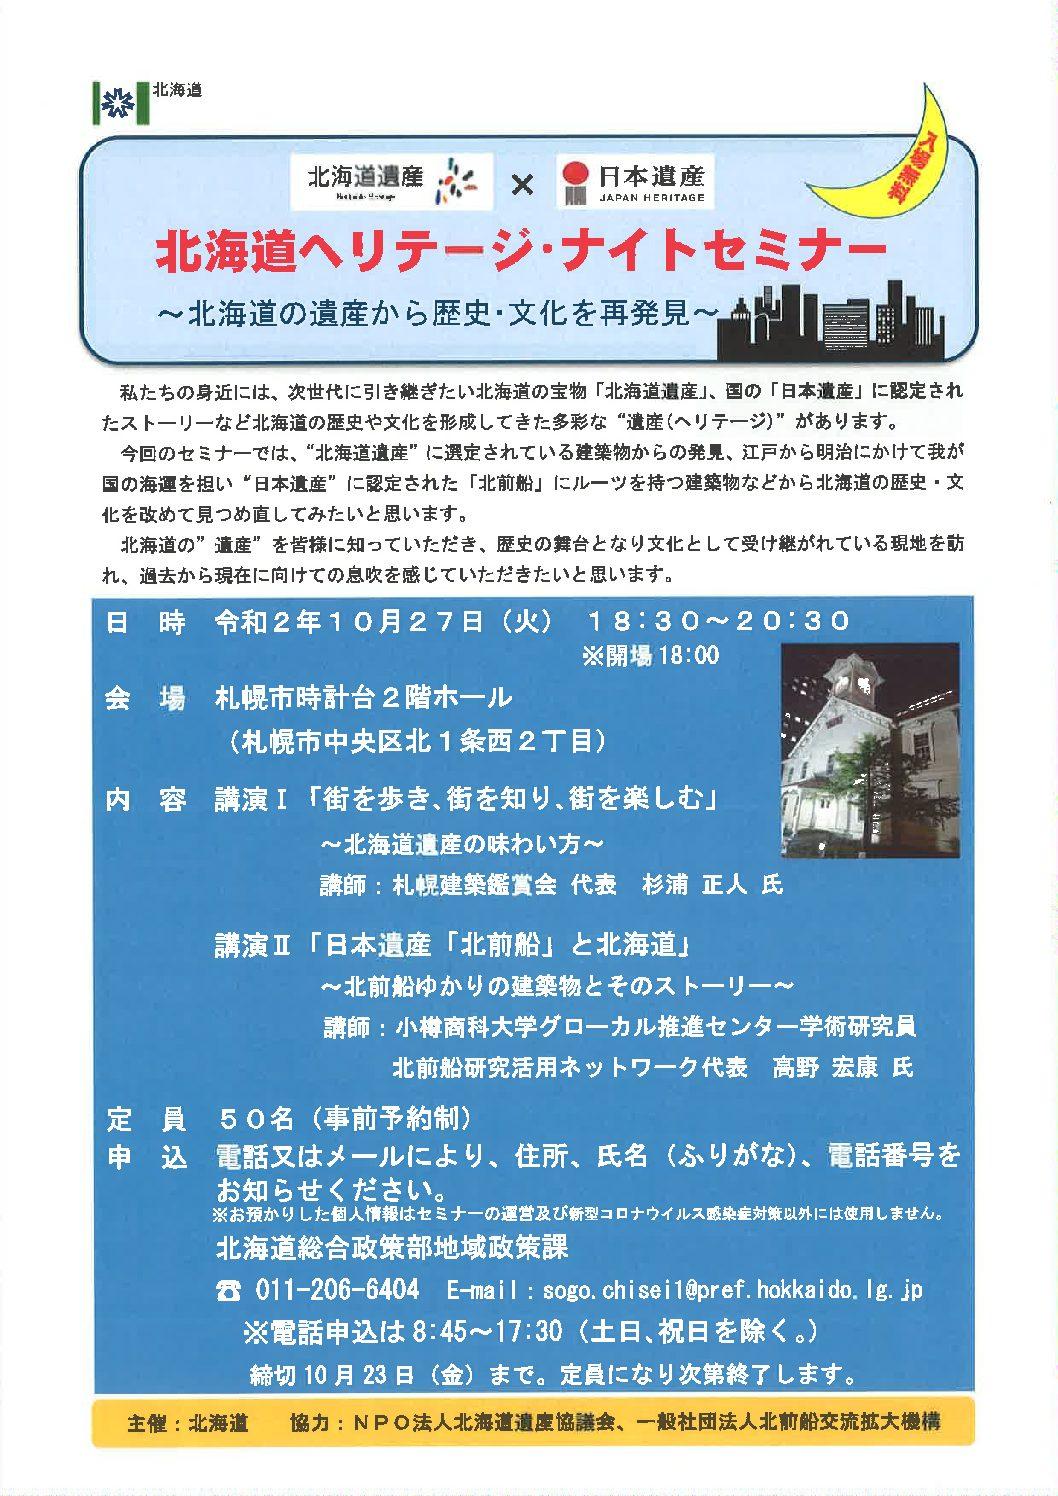 北海道遺産×日本遺産「北海道ヘリテージ・ナイトセミナー」開催!